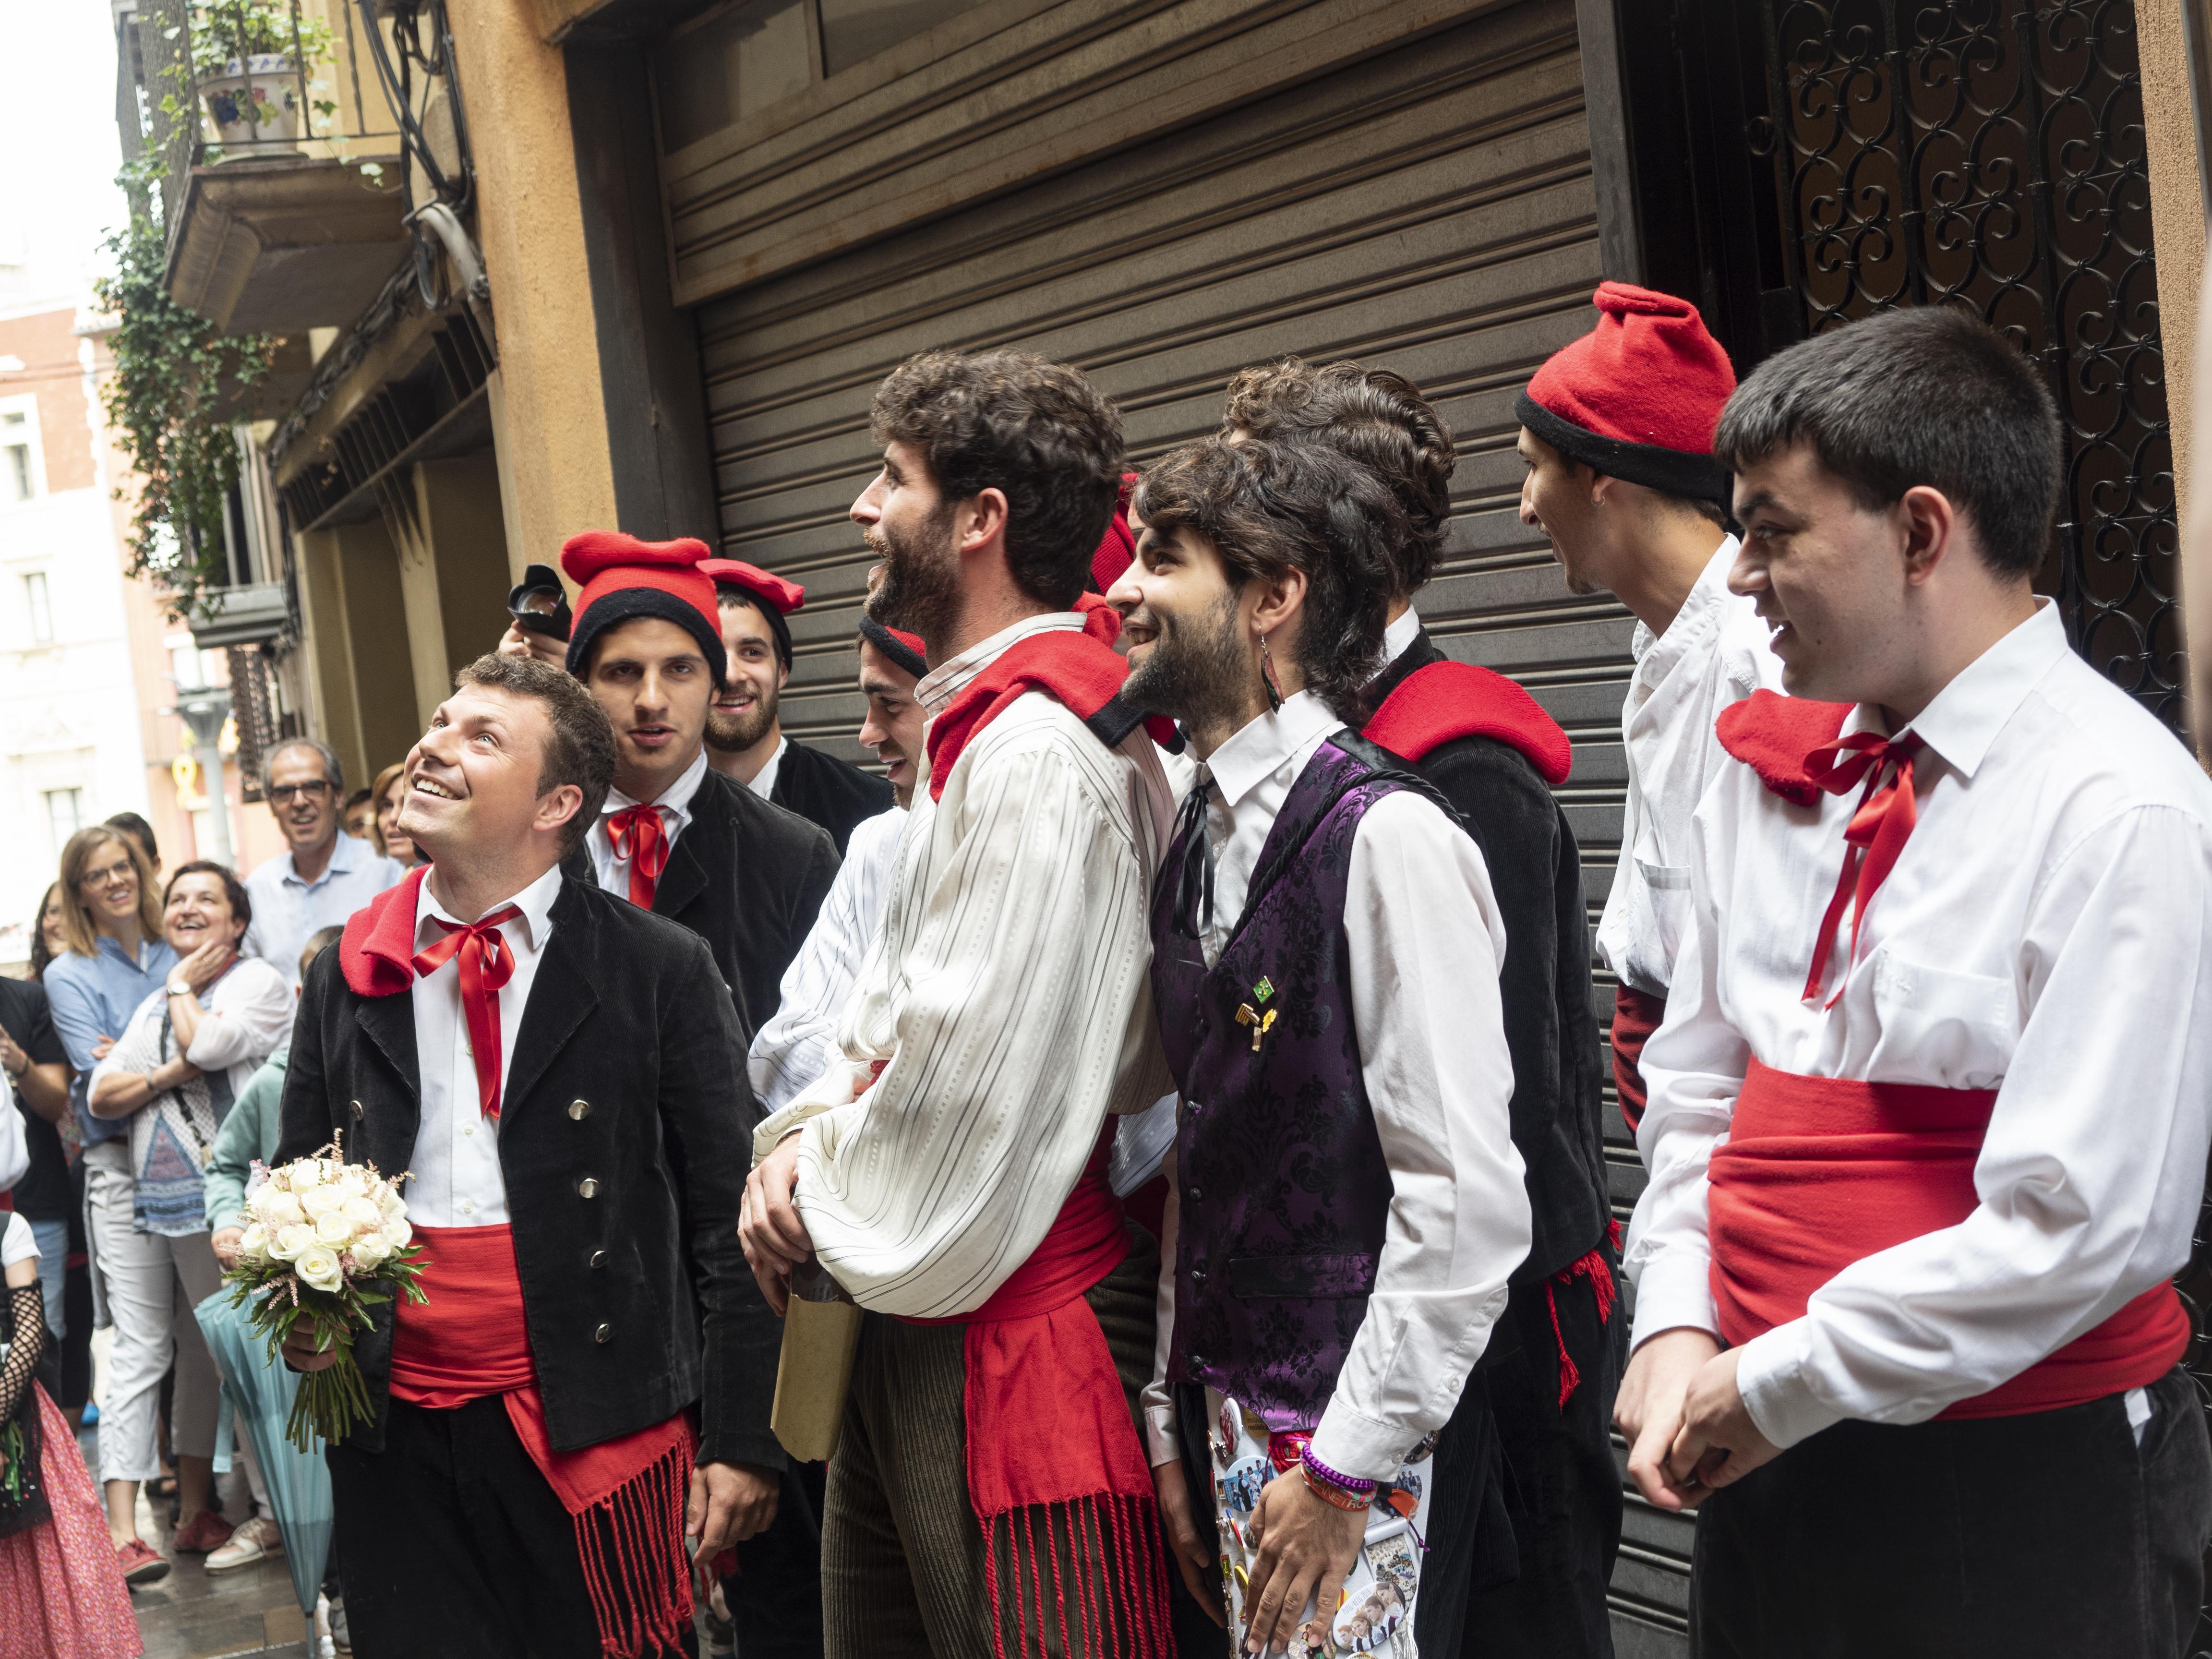 L'Agrupació Teatral la Farsa és l'encarregada de la recreació d'una boda típica de l'Alt Berguedà. FOTO: Anna E. Puig